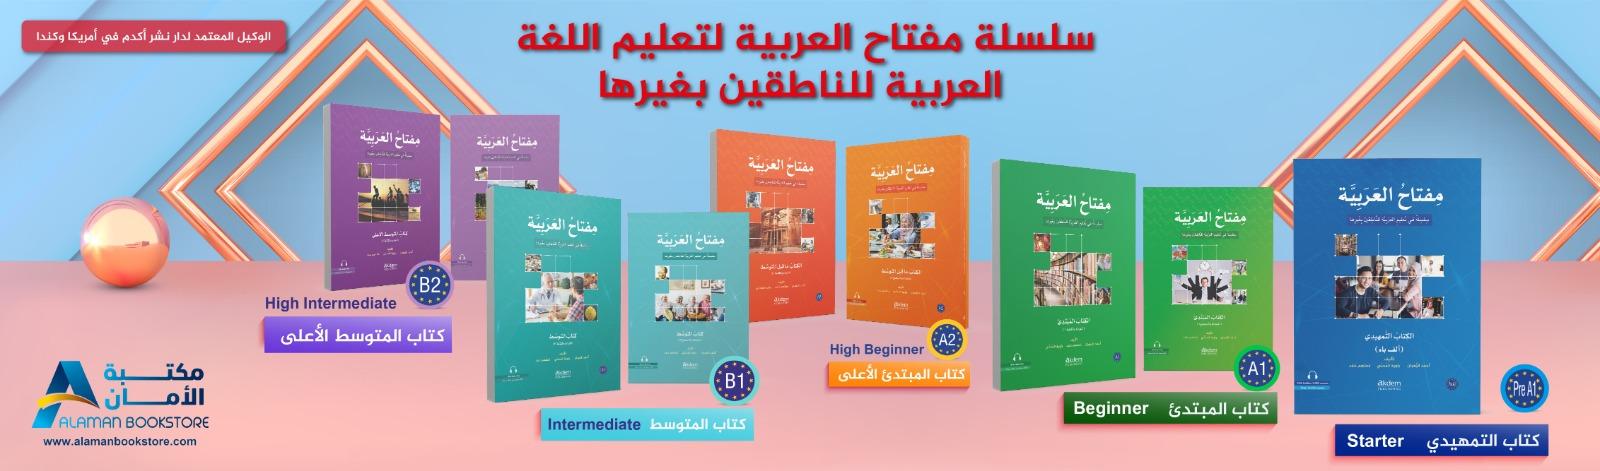 سلسلة مفتاح لتعليم العربية